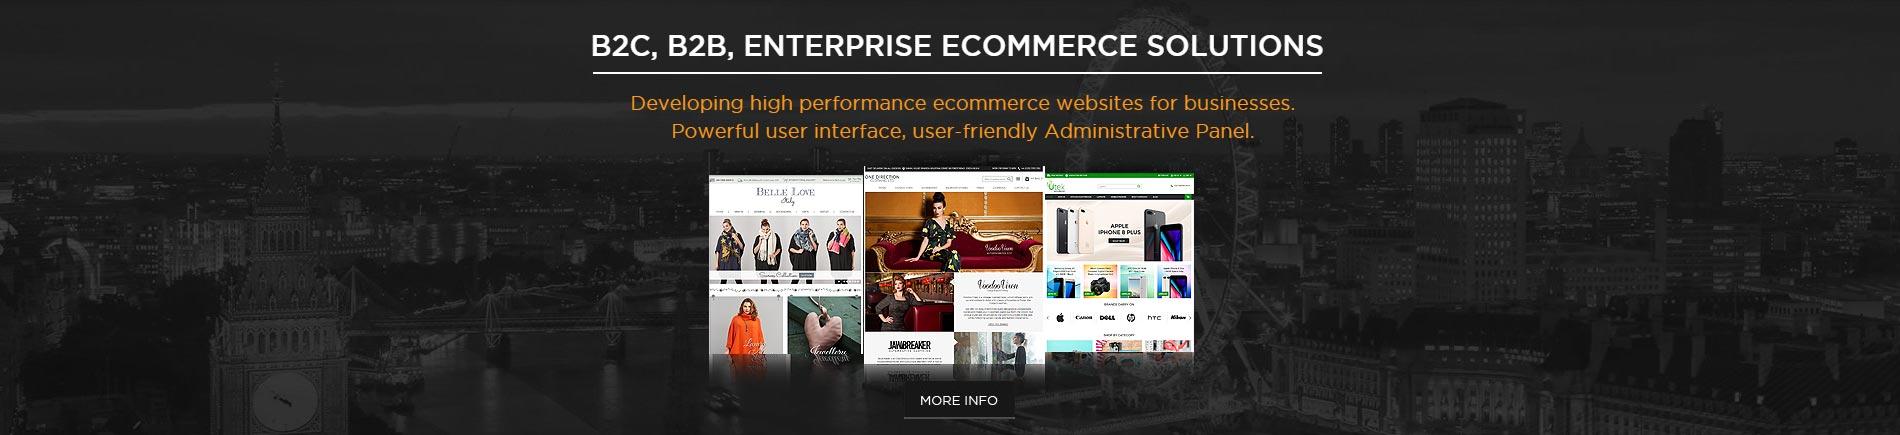 B2C, B2B, Enterprise Ecommerce Solutions - KOL Limited